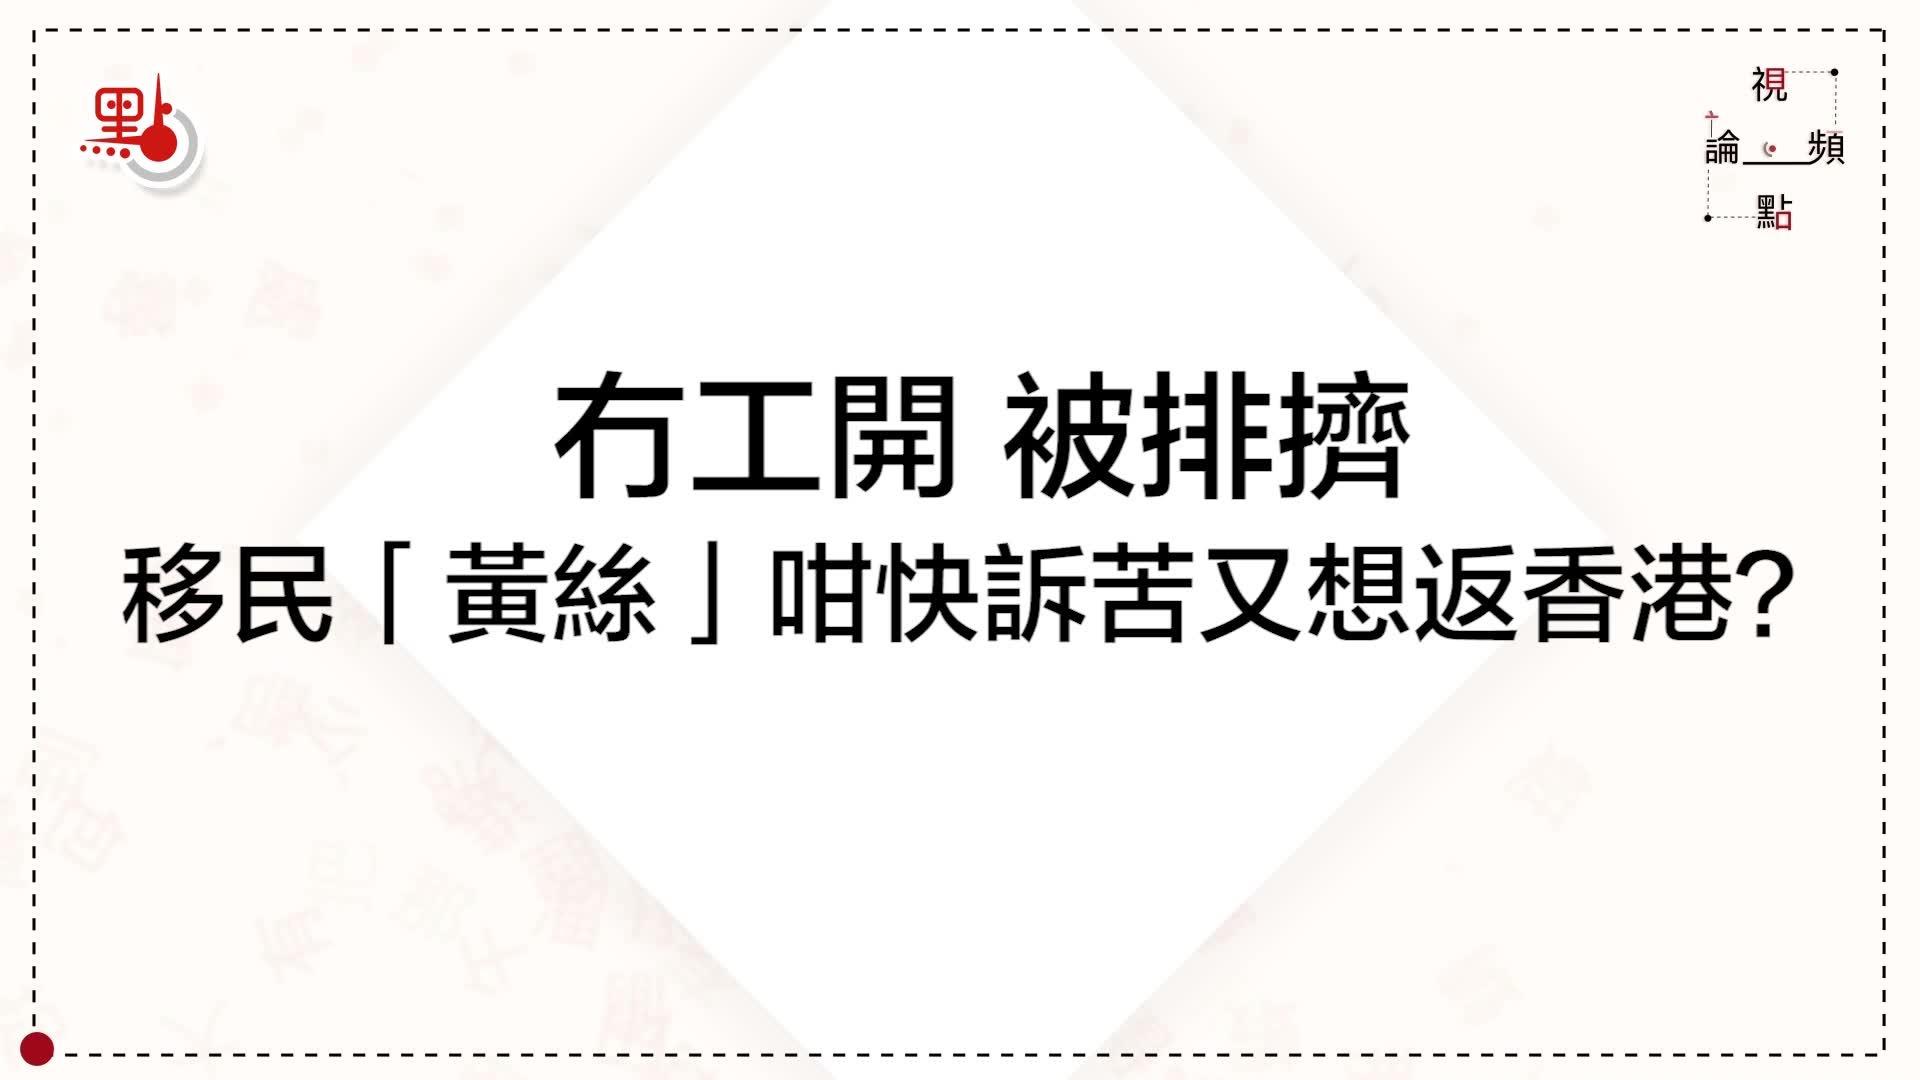 視頻論點   冇工開 被排擠 移民「黃絲」咁快訴苦又想返香港?